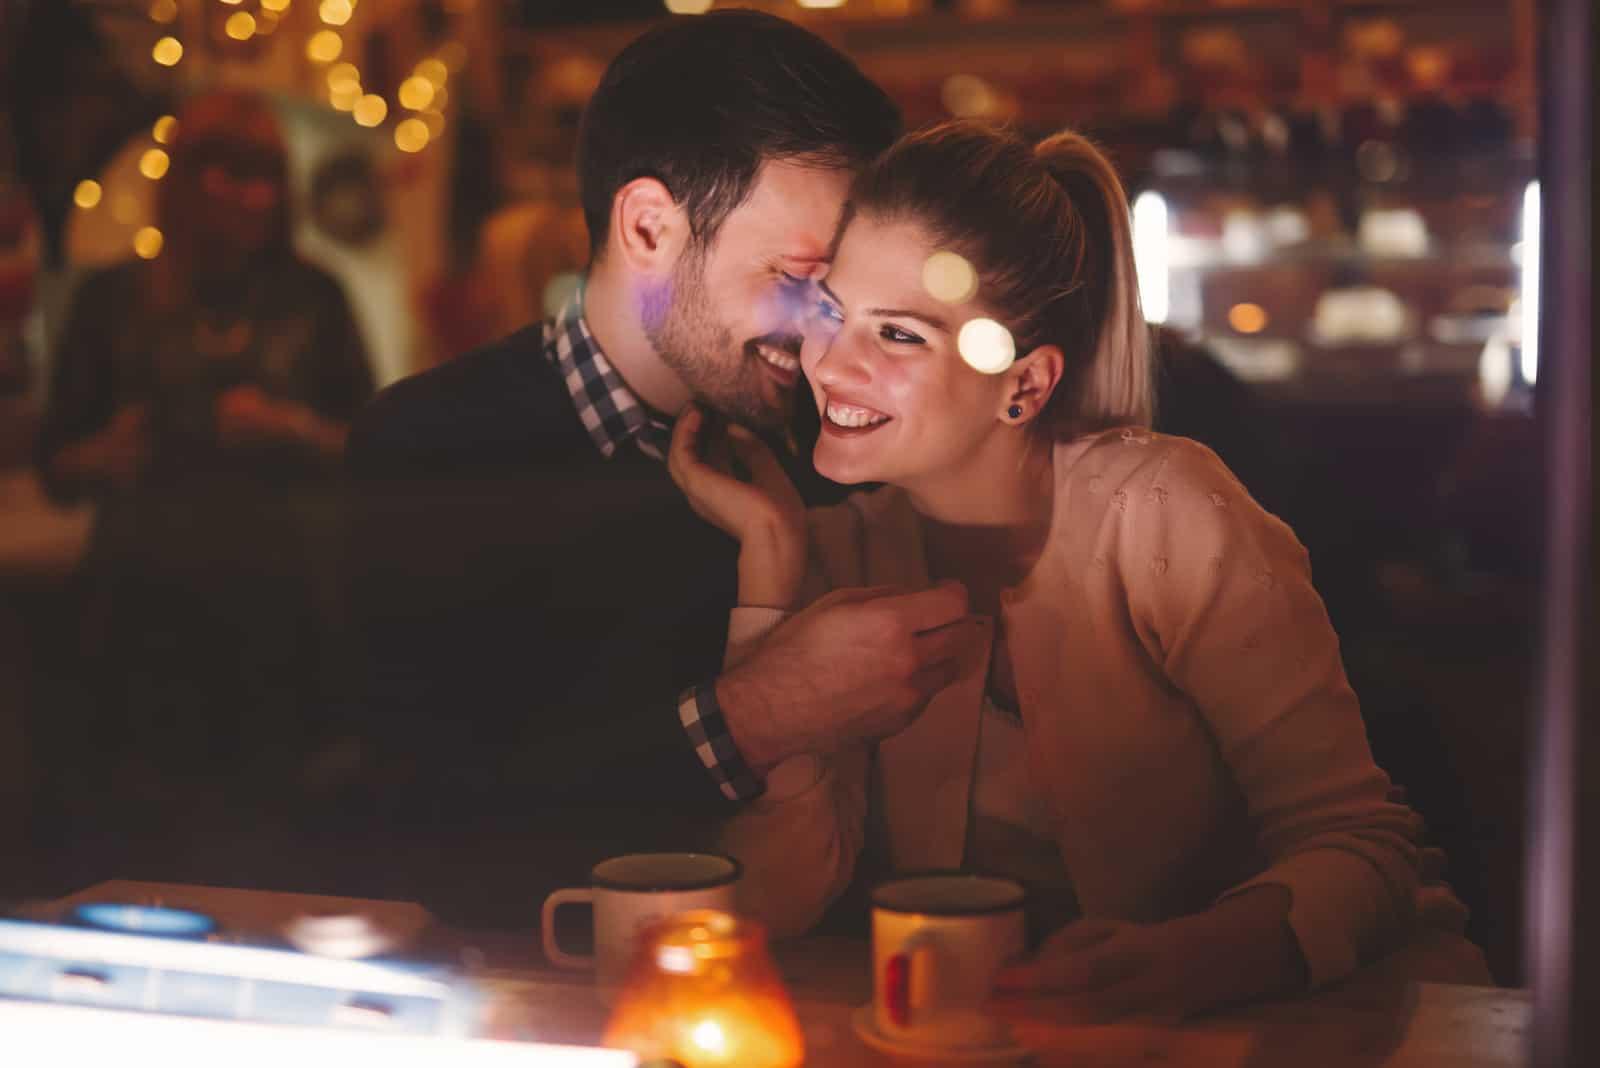 Der Mann flüstert der Frau ins Ohr und lacht, als sie im Restaurant sitzen